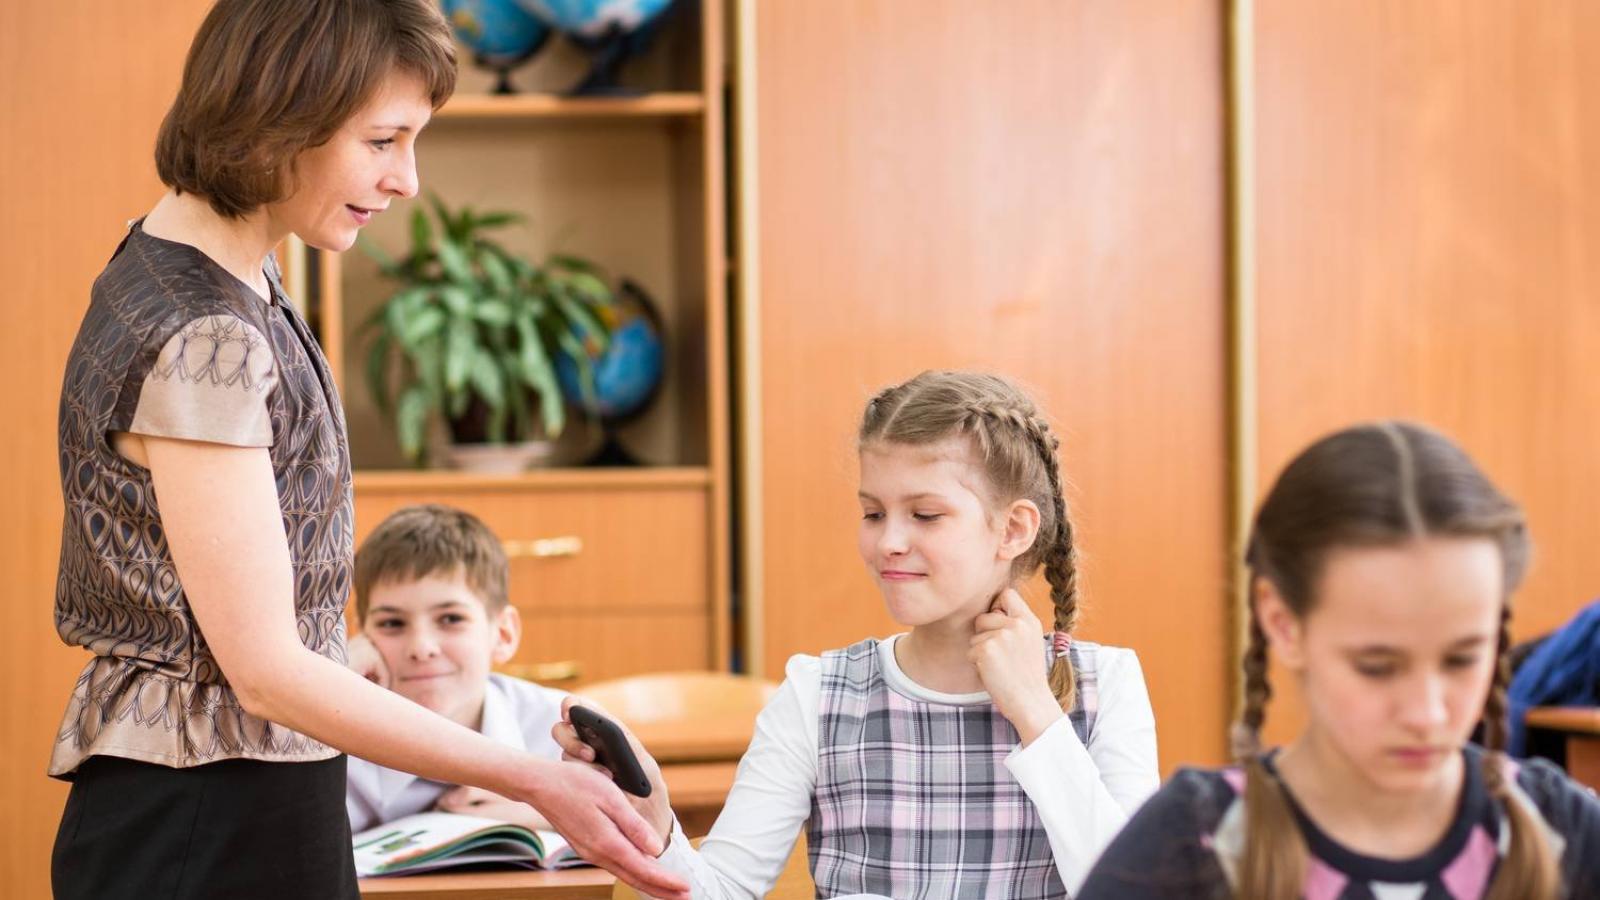 Школьникам запретят пользоваться мобильными во время уроков